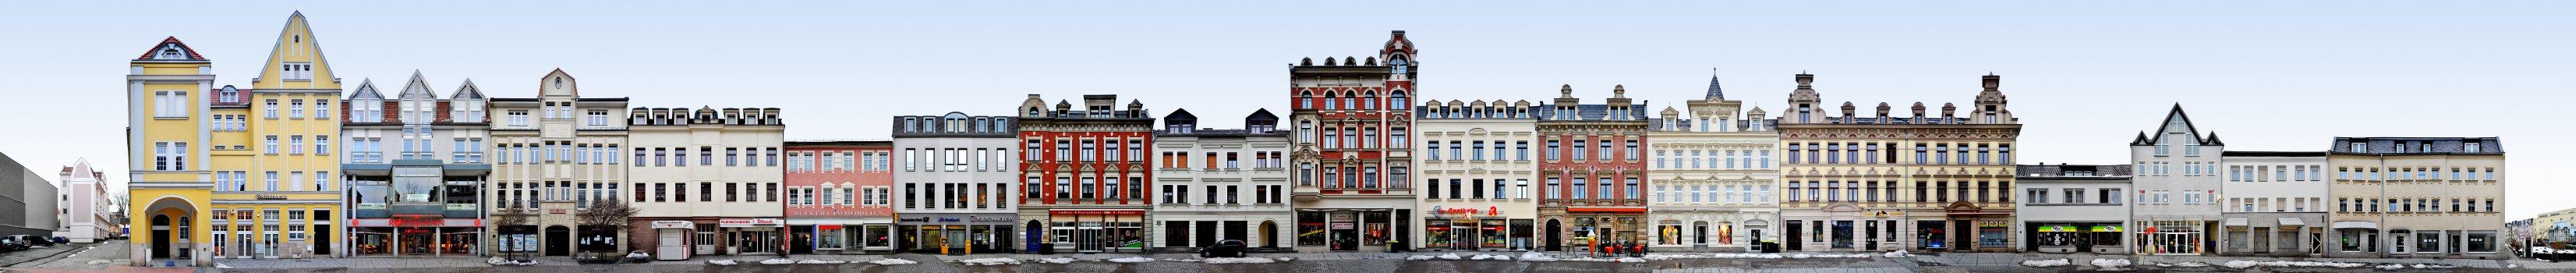 Silberstraße / Markt • Crimmitschau • Deutschland